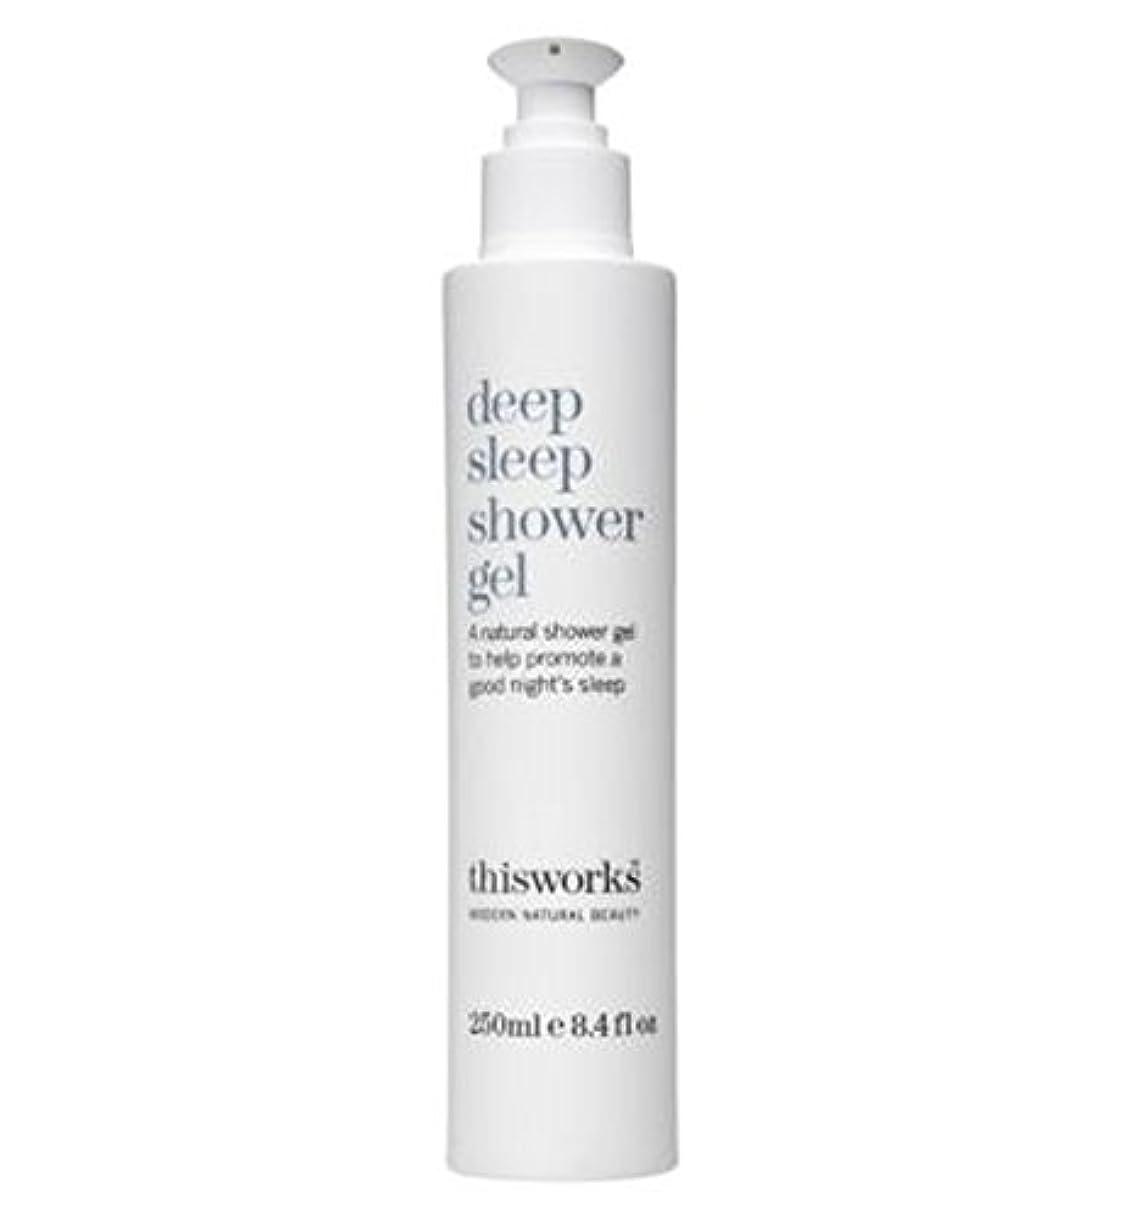 ホーム城必要とするこれは、深い眠りシャワージェル250ミリリットルの作品 (This Works) (x2) - this works deep sleep shower gel 250ml (Pack of 2) [並行輸入品]